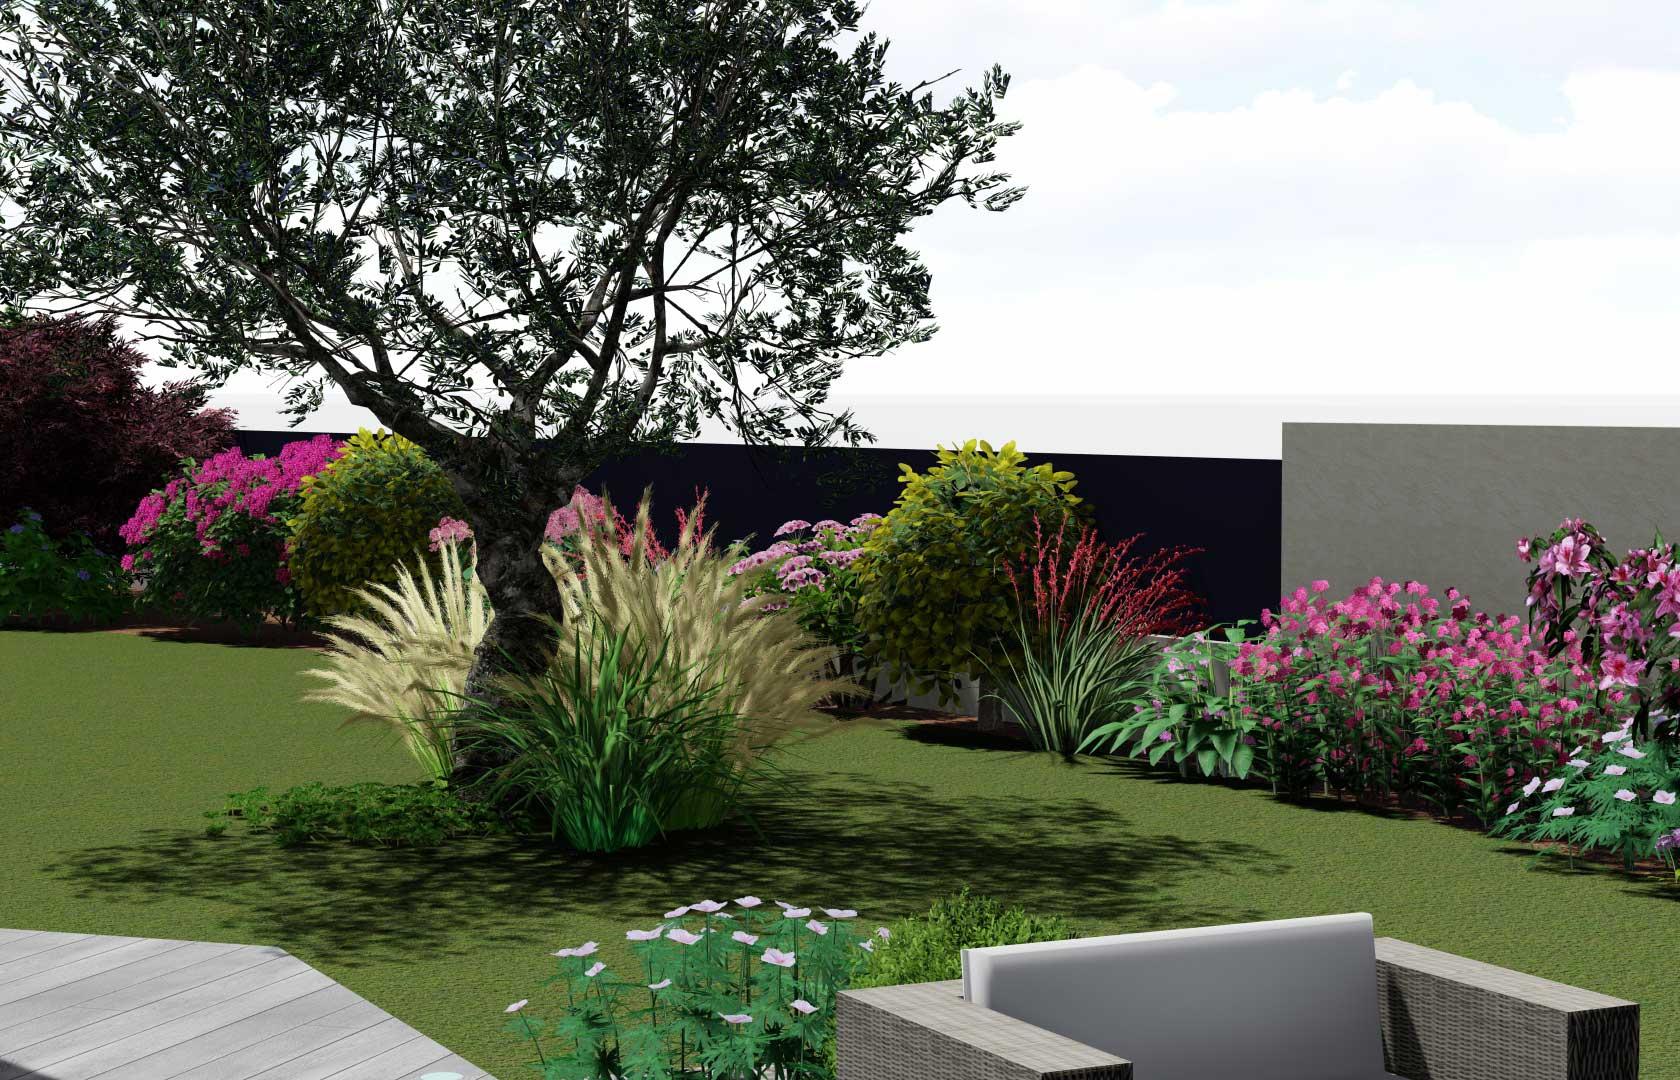 Serrault Jardins, imagine vos plantations en fonction du style de votre maison..